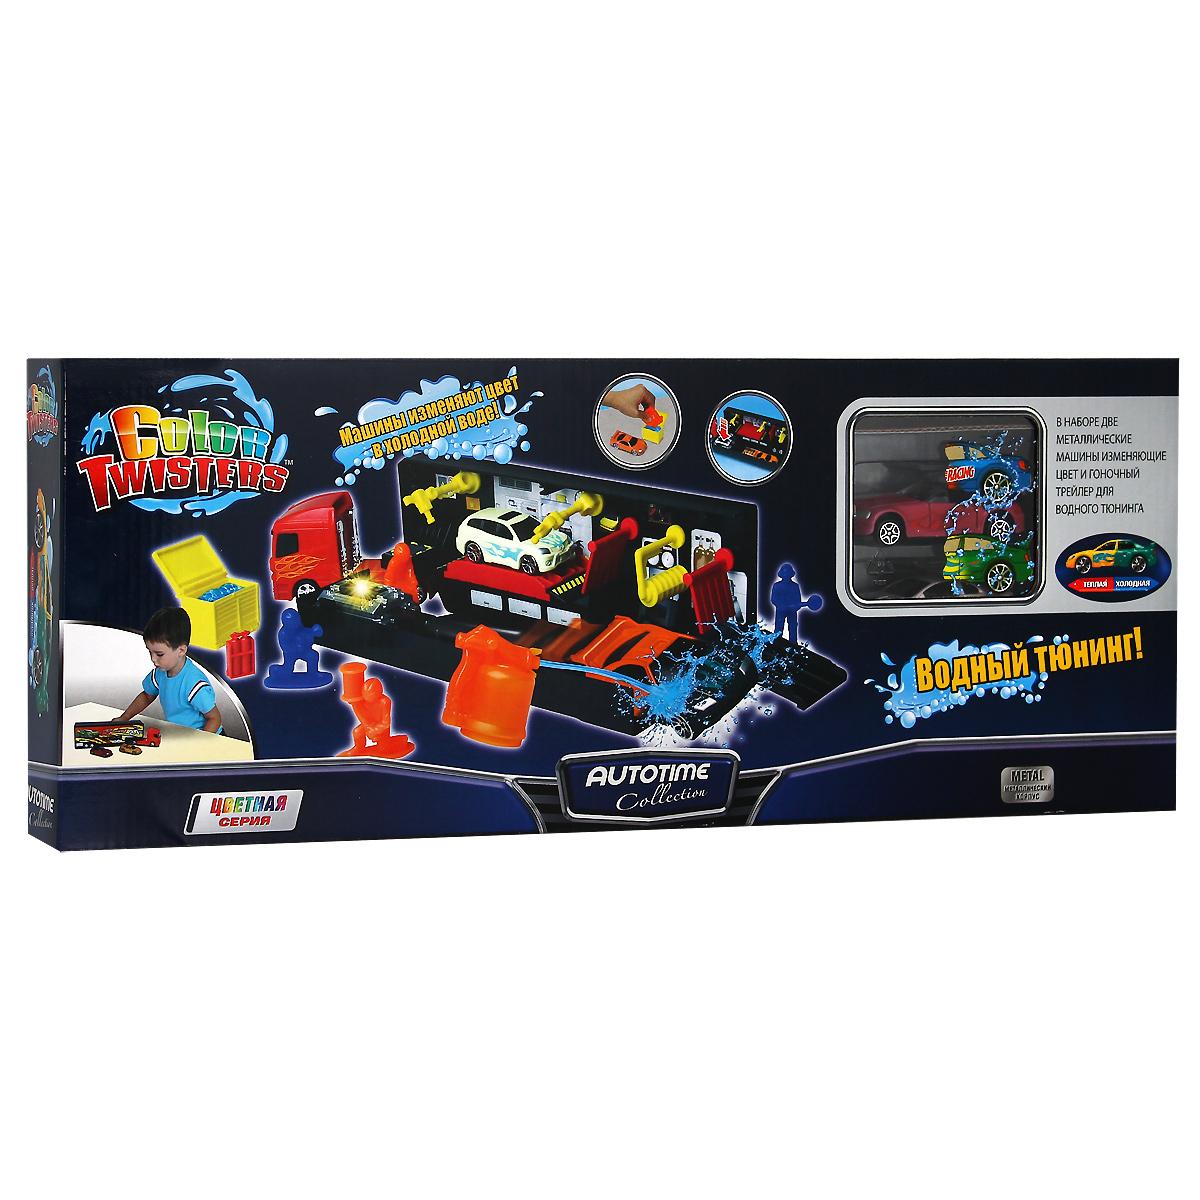 Autotime Игровой набор Color Twisters, цвет: крансный, серебристый канистры для воды в рязани